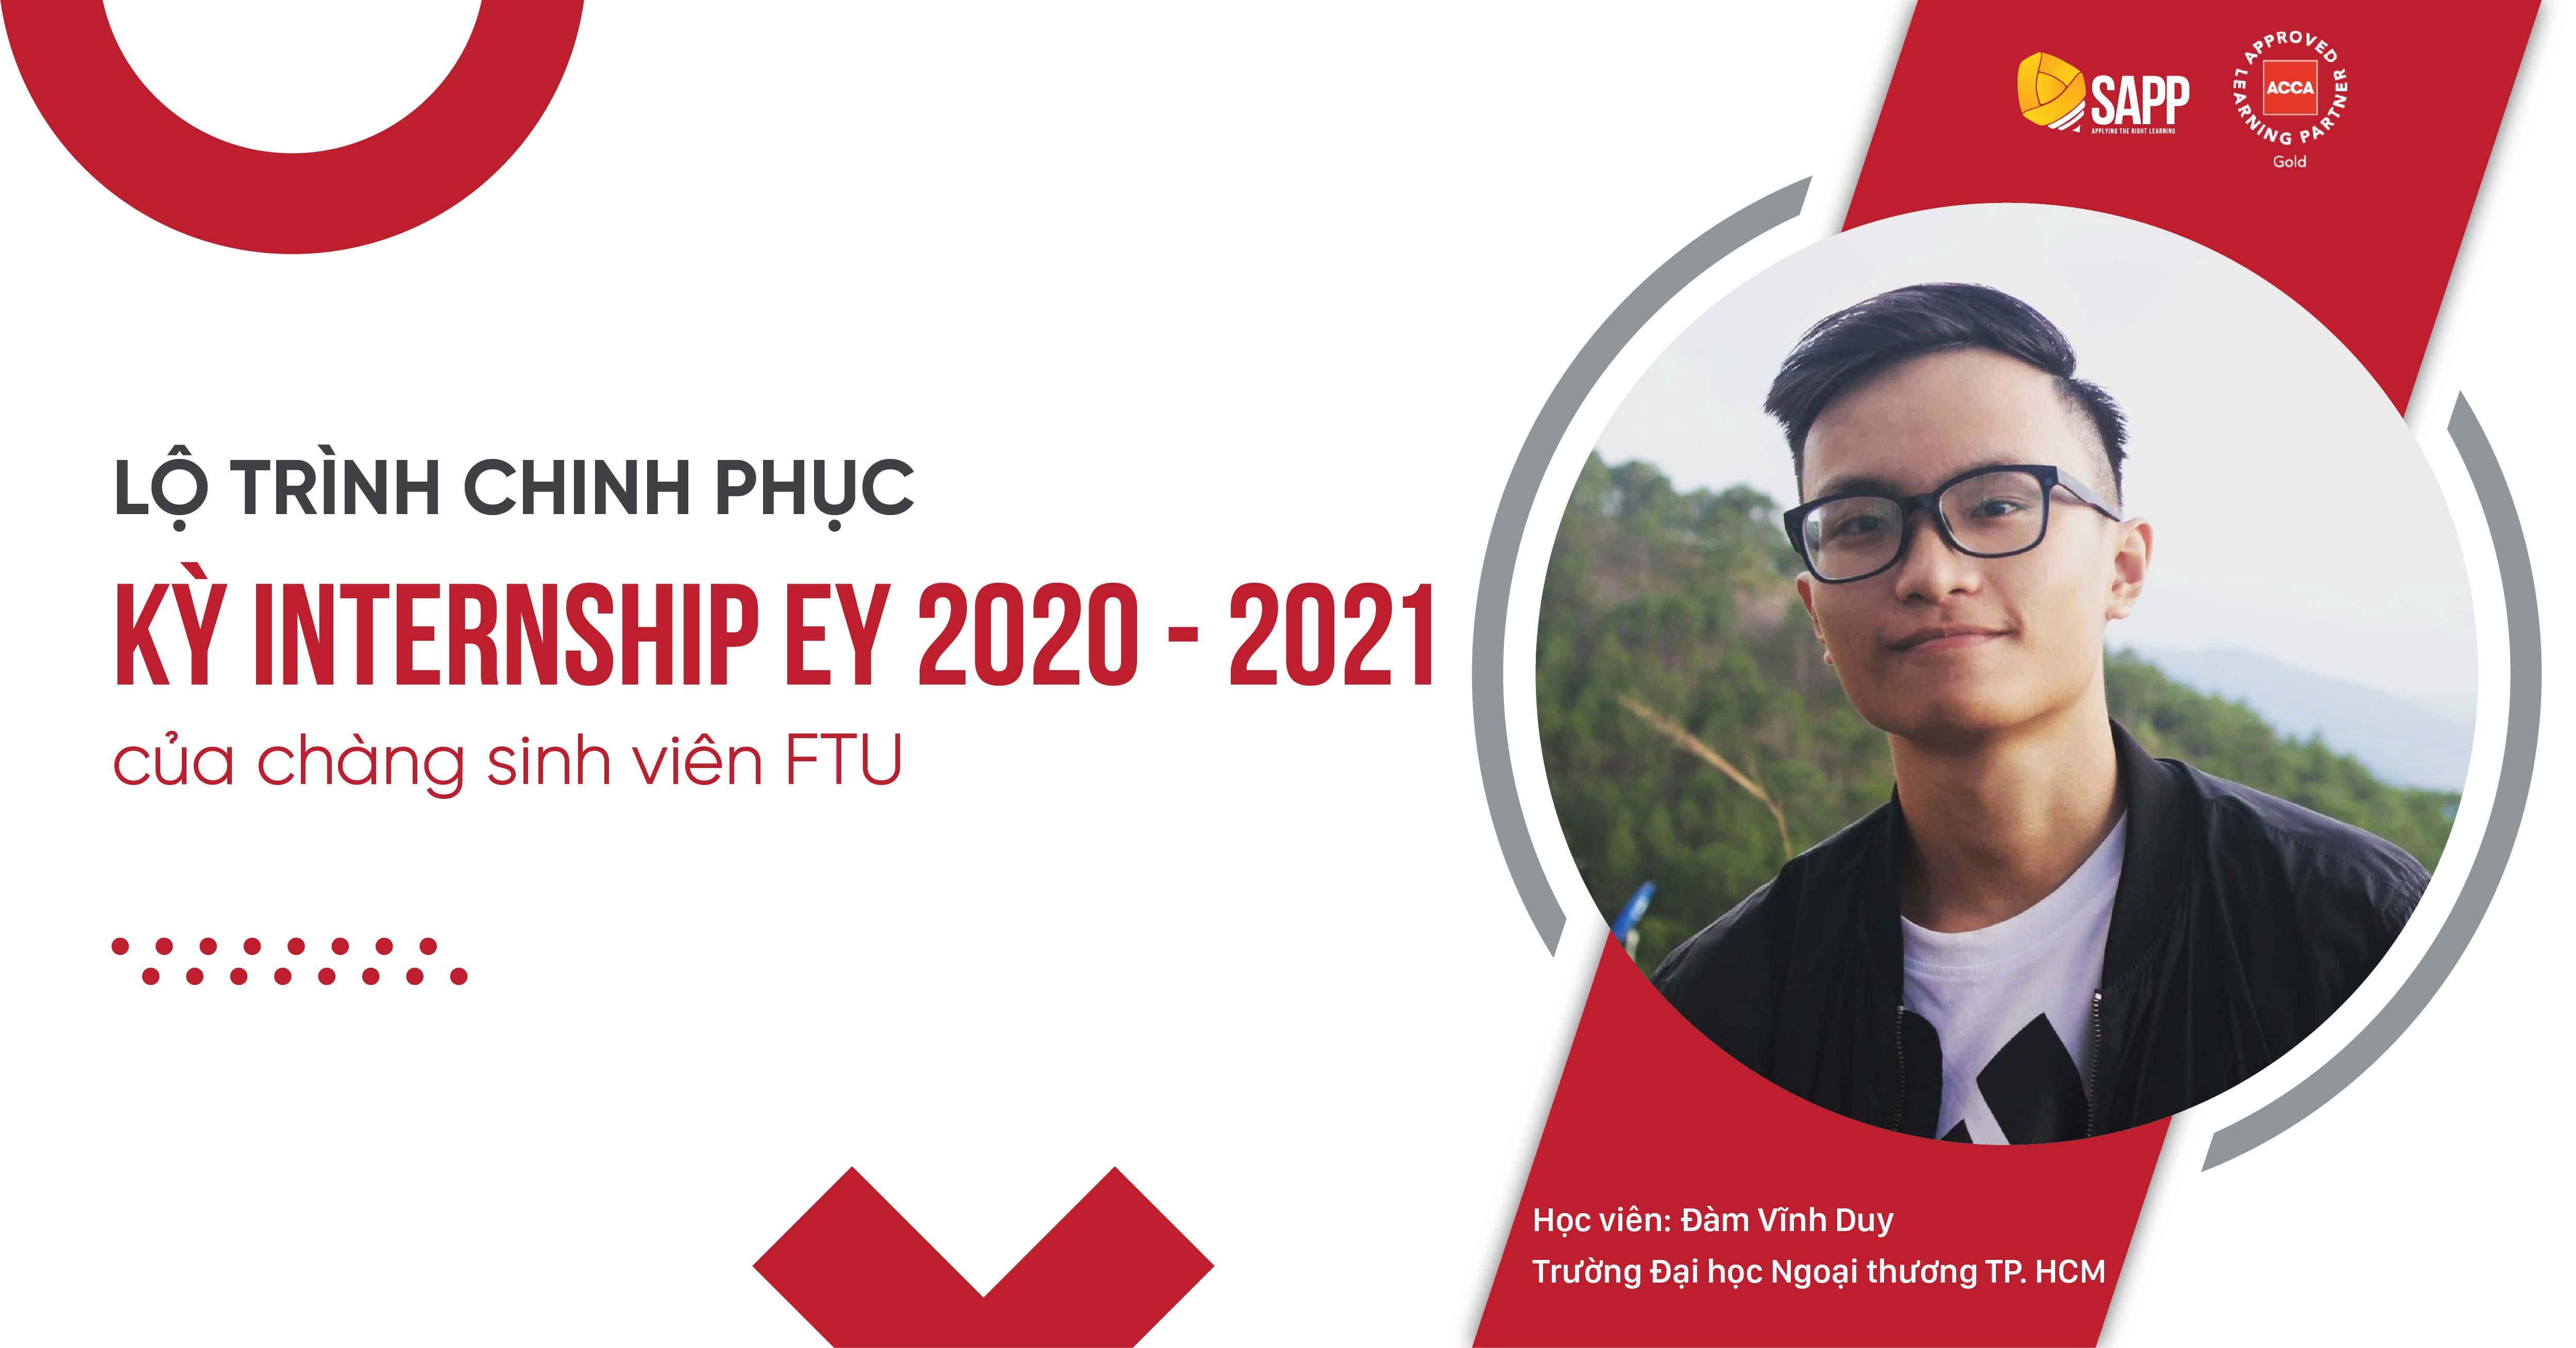 LỘ TRÌNH CHINH PHỤC KỲ INTERNSHIP EY 2020 - 2021 CỦA CHÀNG SINH VIÊN FTU